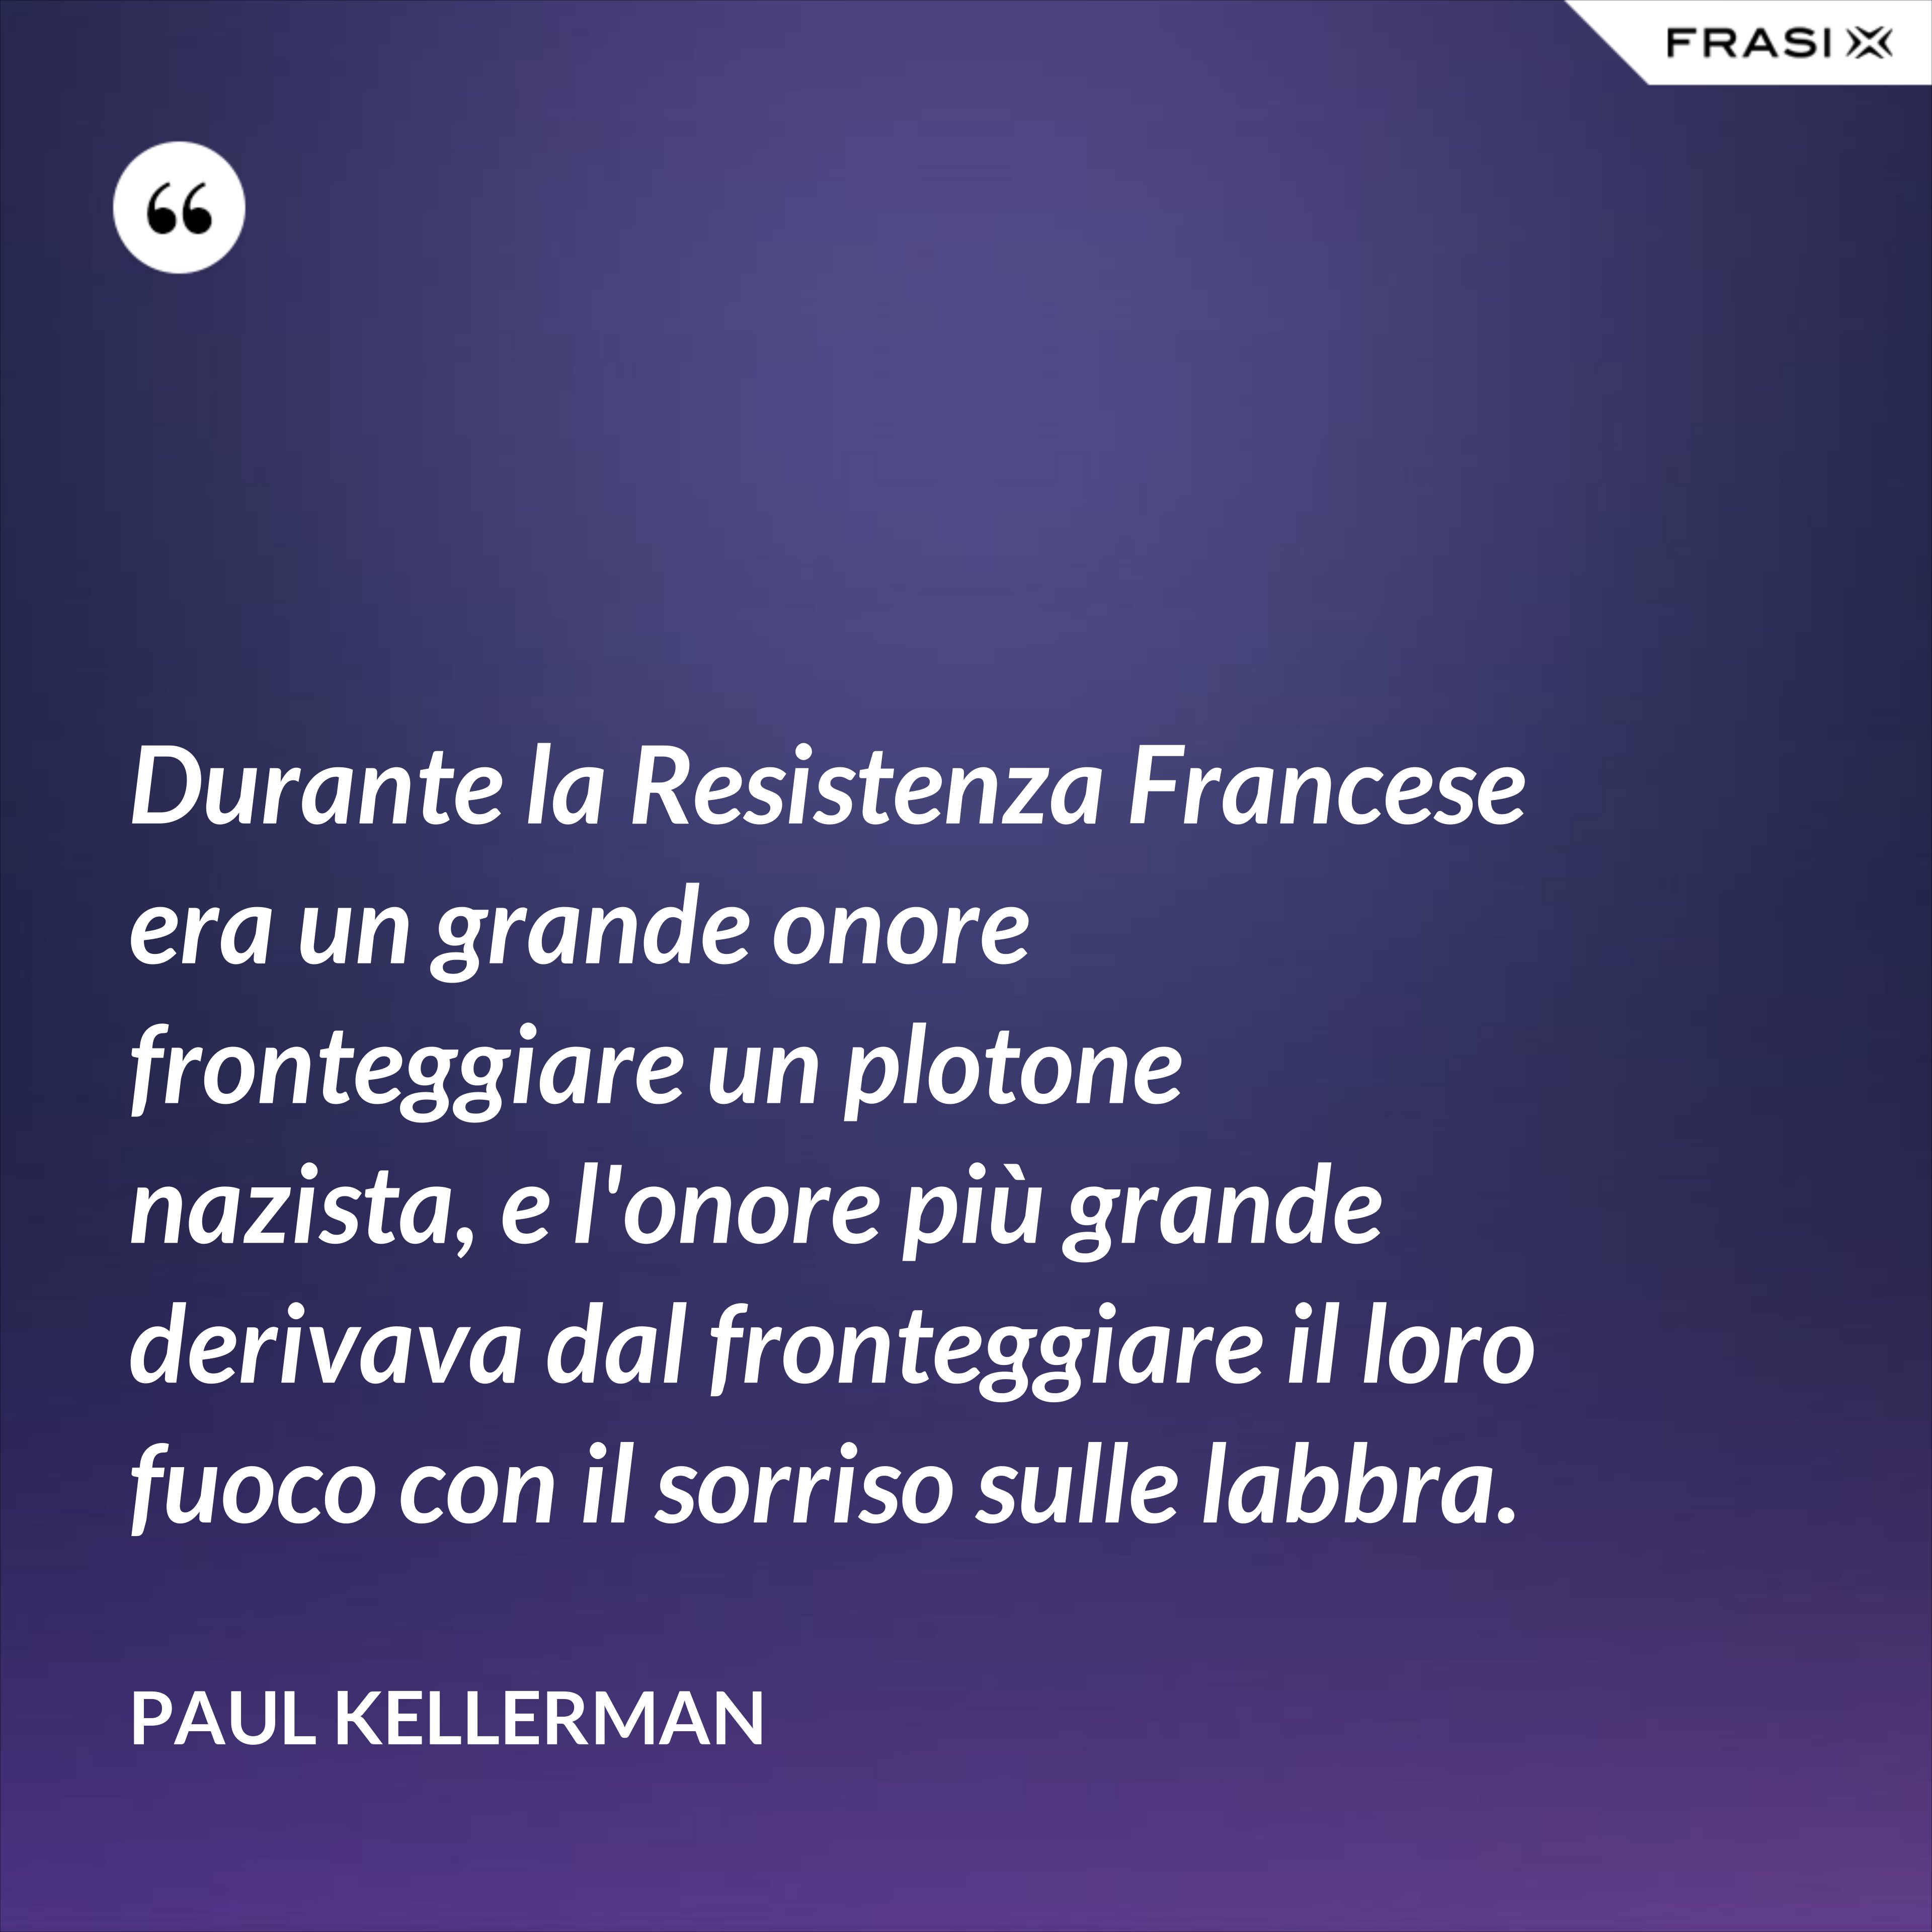 Durante la Resistenza Francese era un grande onore fronteggiare un plotone nazista, e l'onore più grande derivava dal fronteggiare il loro fuoco con il sorriso sulle labbra. - Paul Kellerman